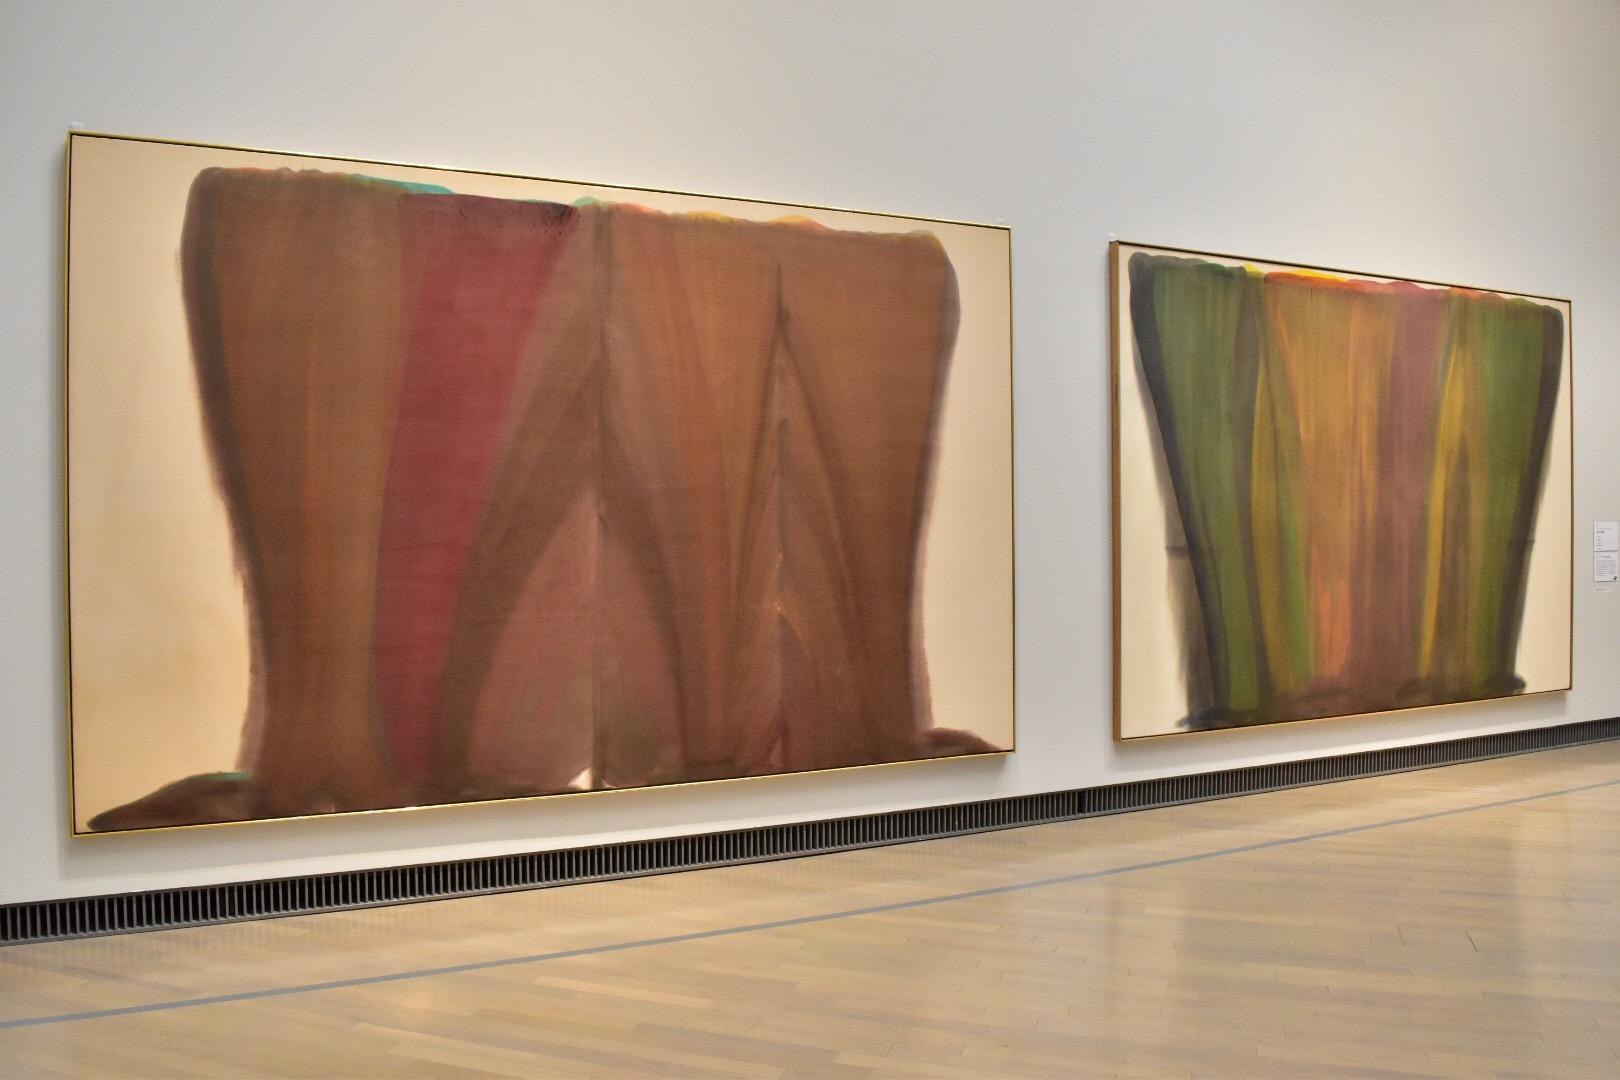 左:モーリス・ルイス 《ワイン》1958年 広島市現代美術館 右:モーリス・ルイス 《金色と緑色》1958年 東京都現代美術館